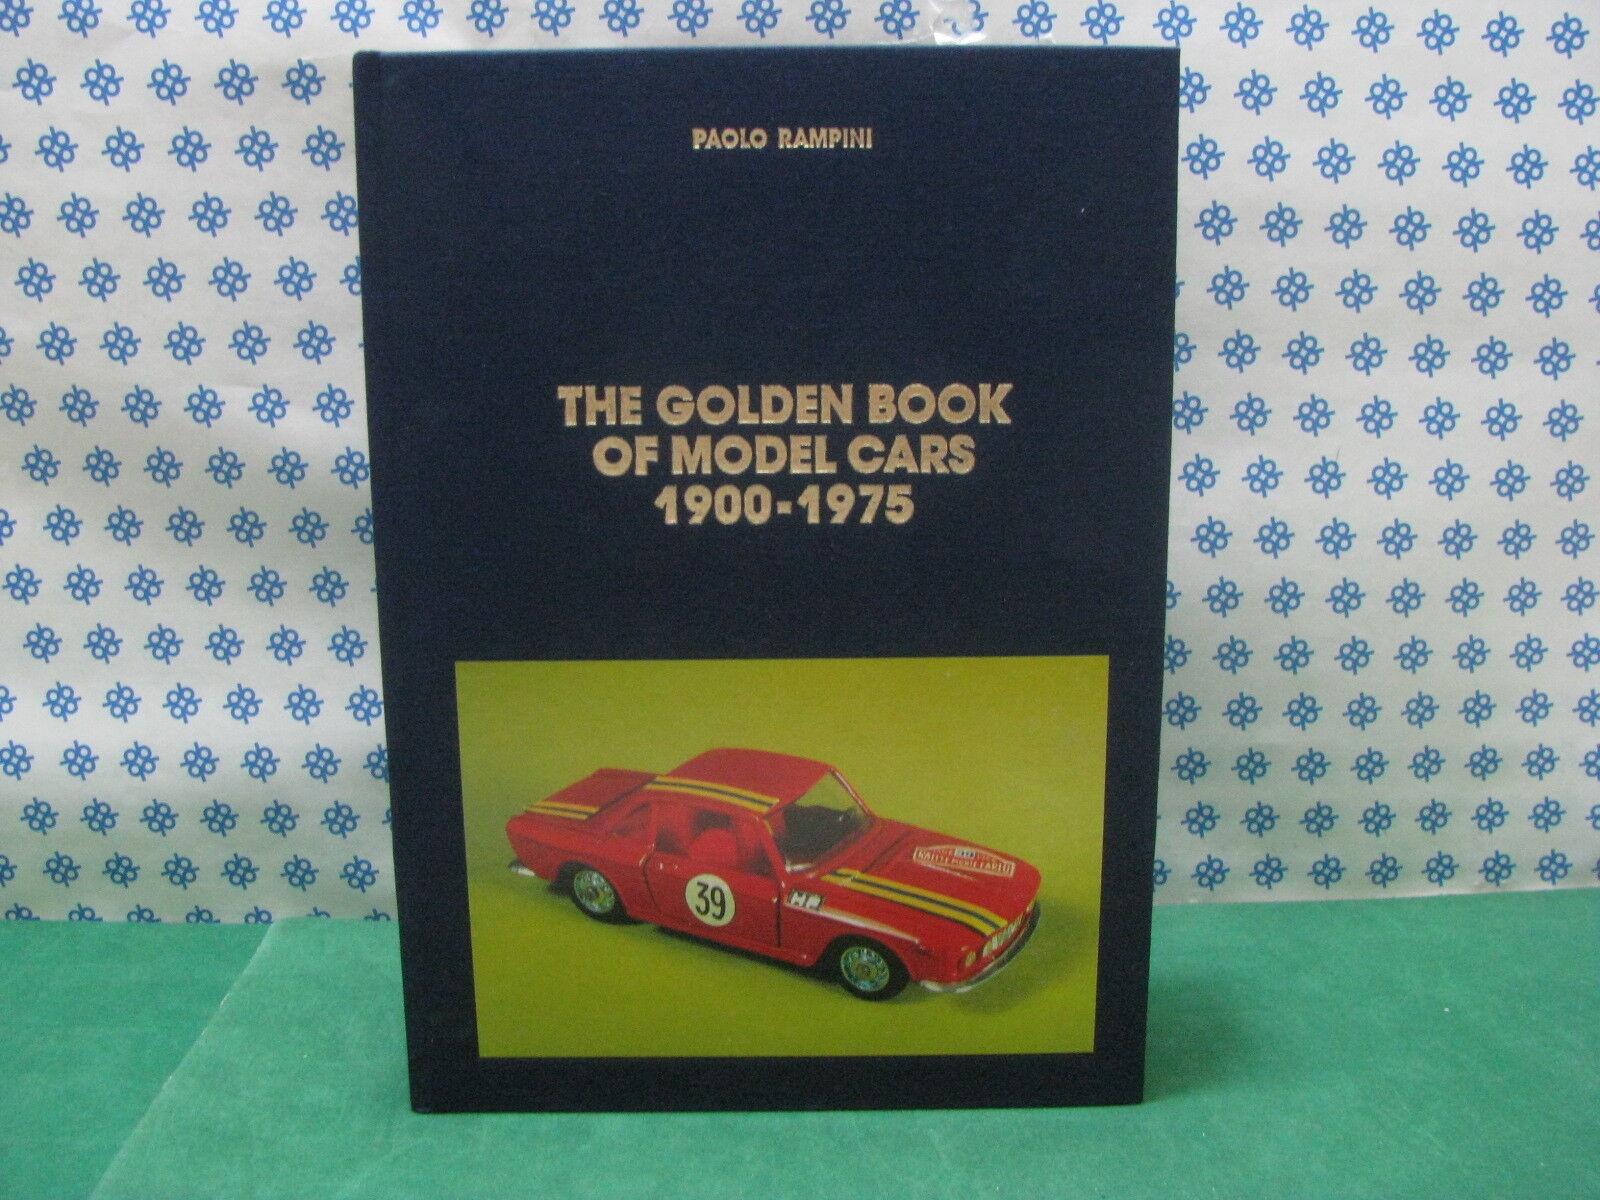 THE goldEN BOOK OF MODEL CARS  , 800  pagine , formato 21x29,7 Rampini Editore